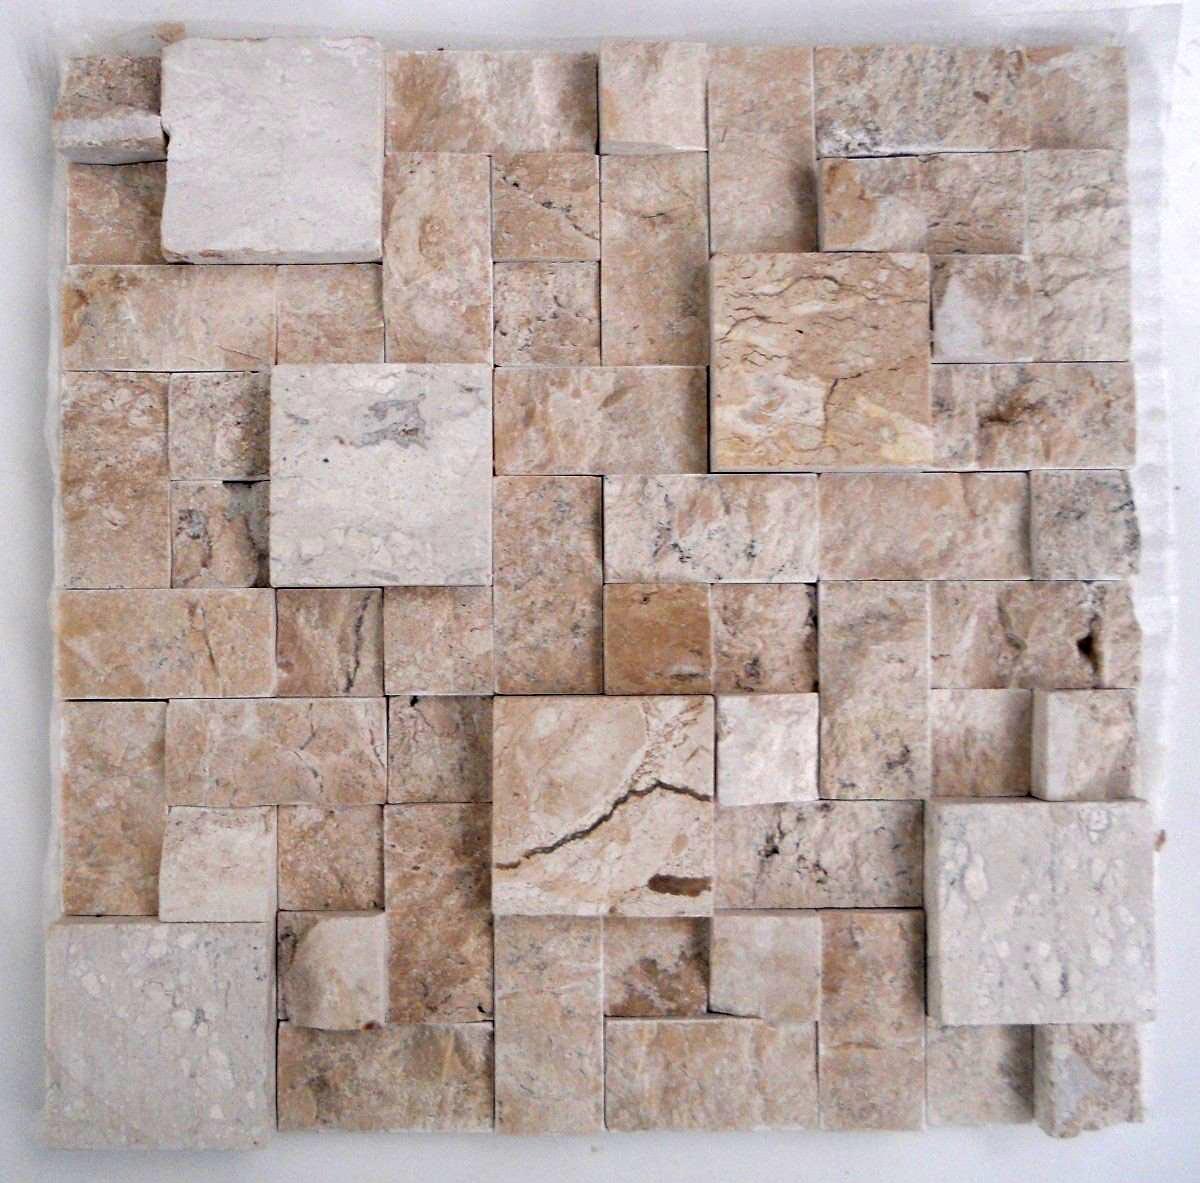 Um bom exemplo de uso do material: aqui as peças de mármore são usadas para compor um mosaico para parede.